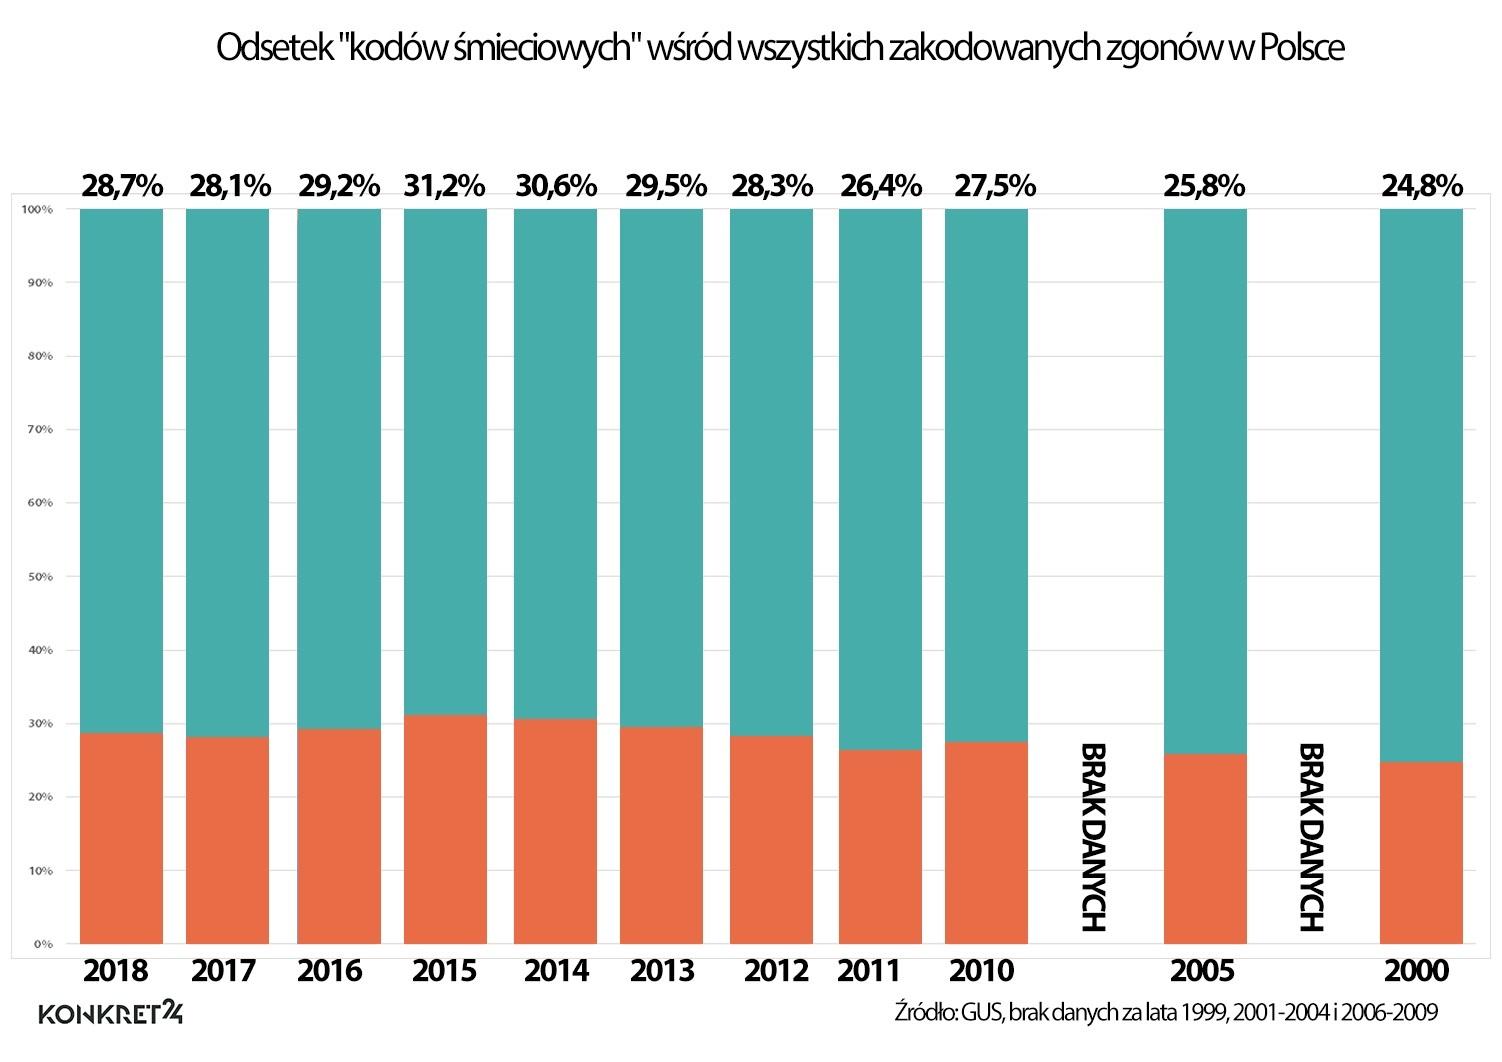 Odsetek kodów śmieciowych wśród wszystkich kodowanych zgonów w Polsce